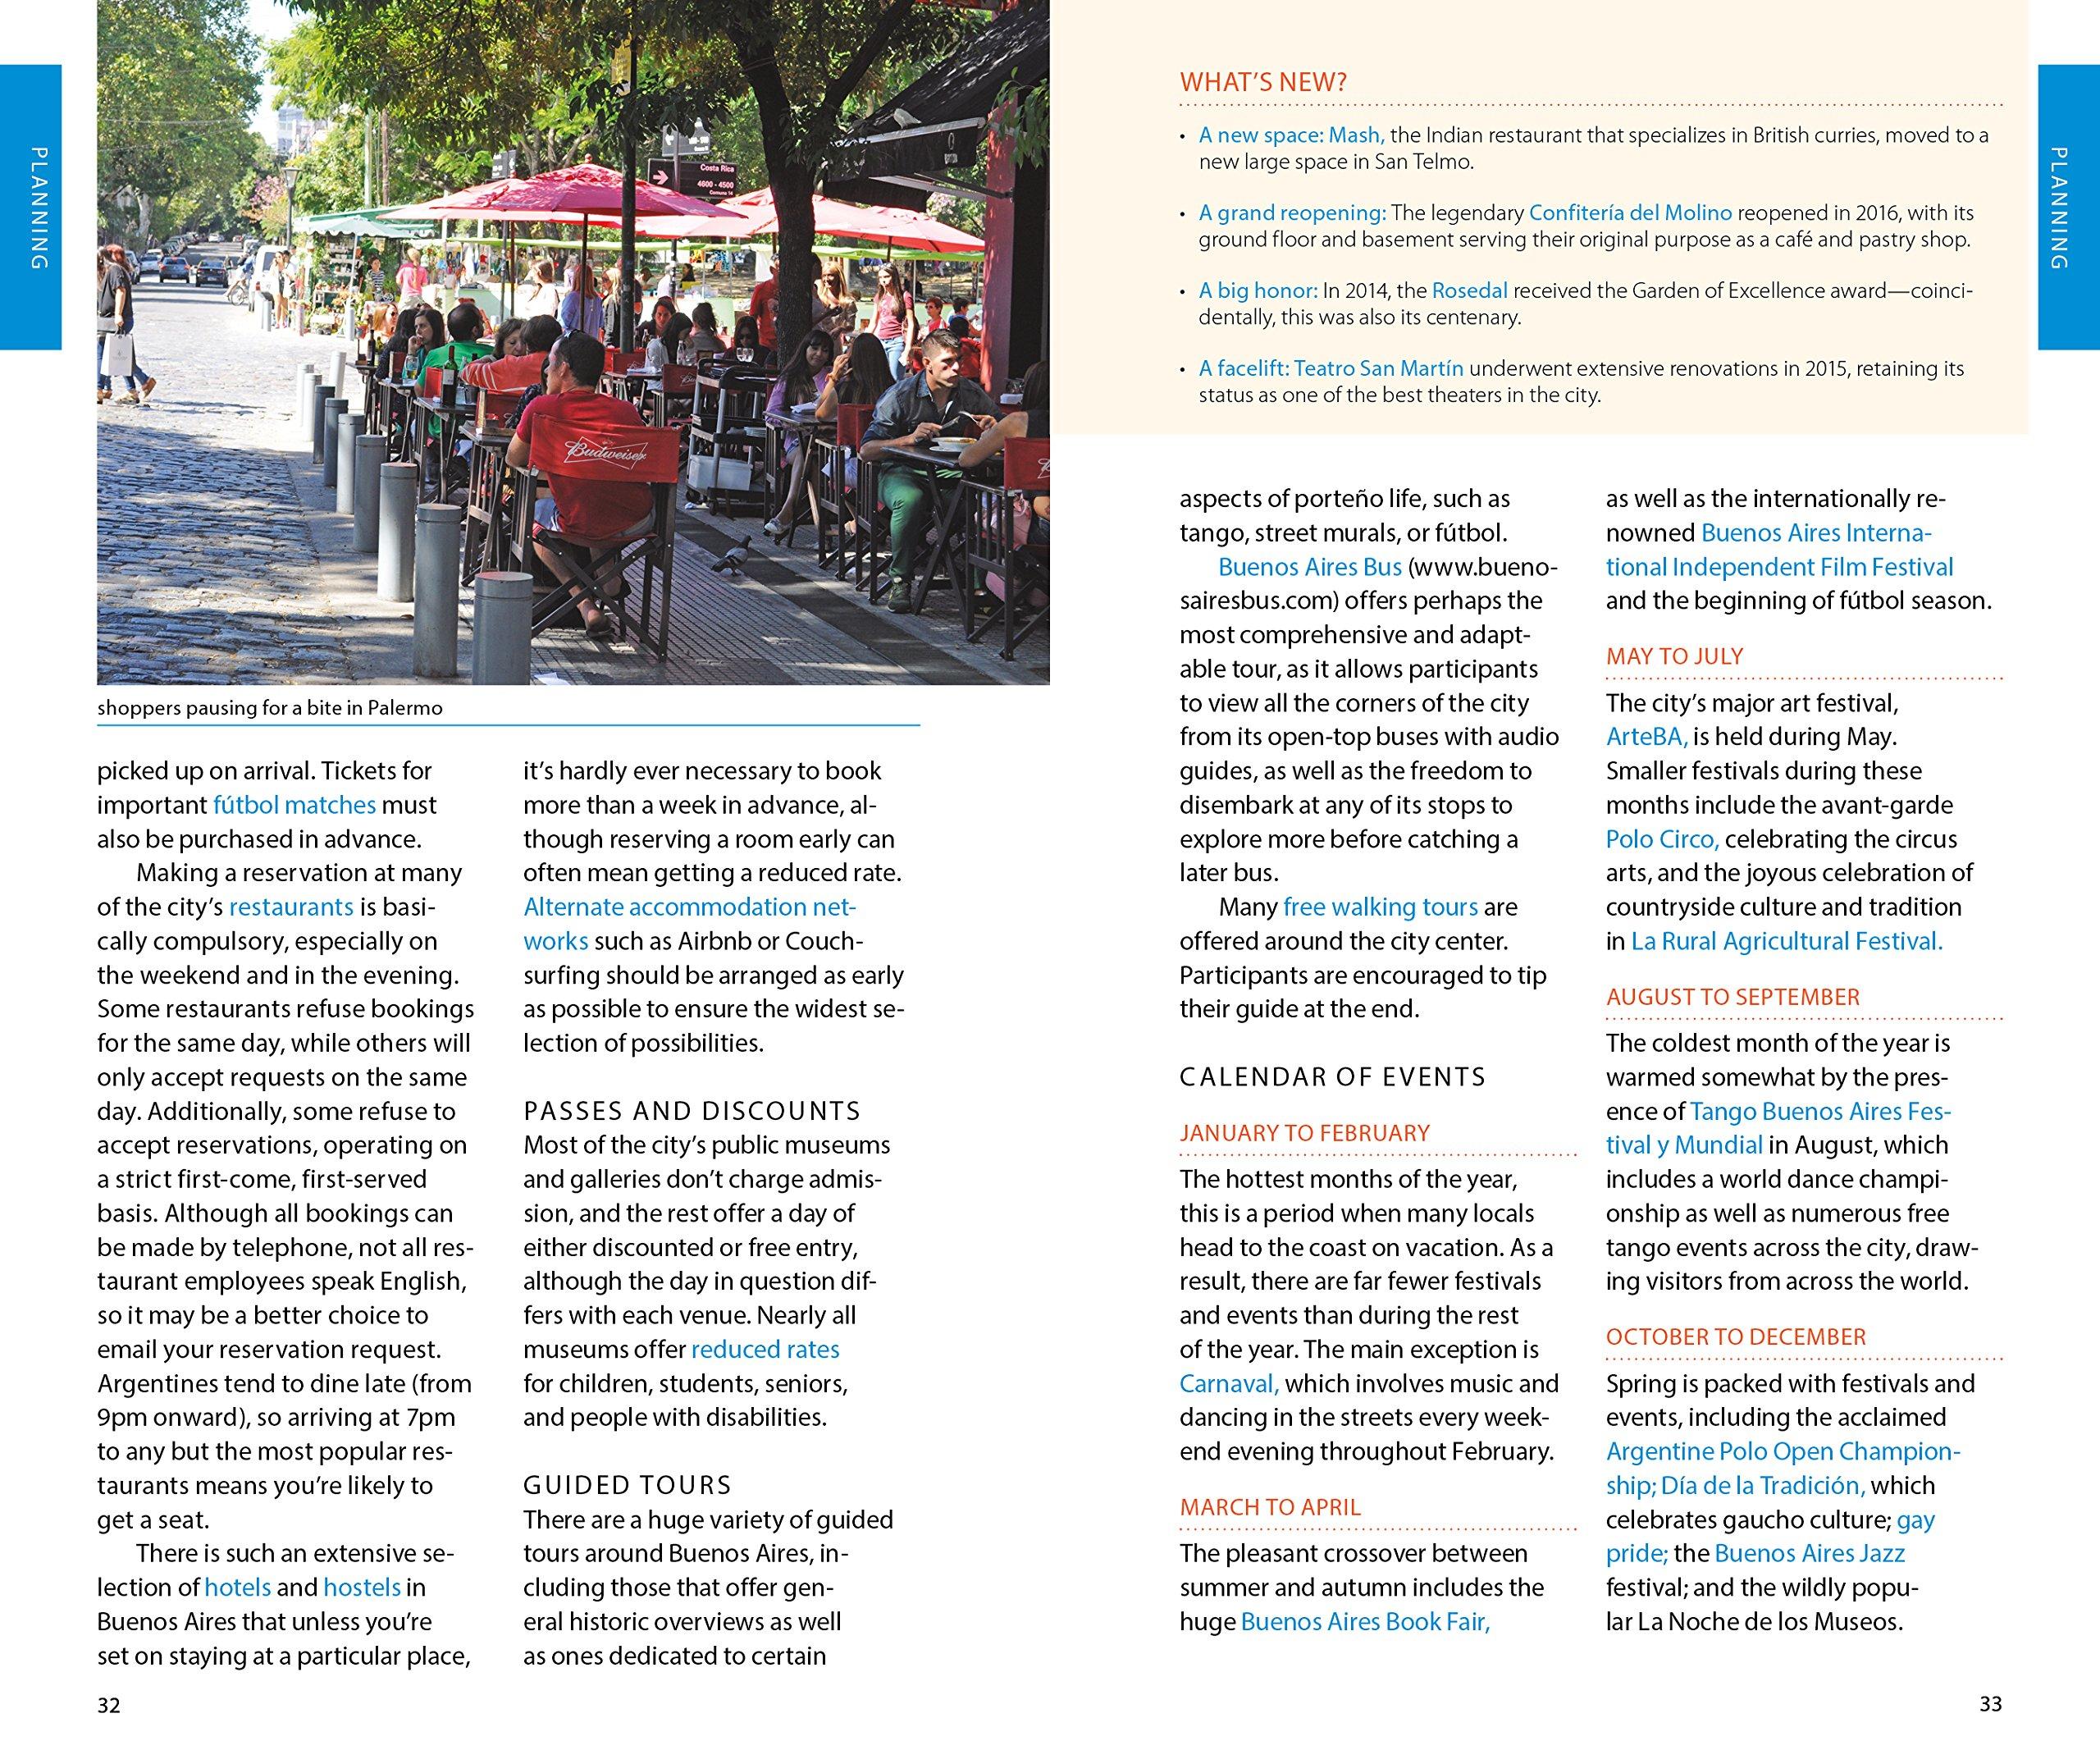 Hf ideas parrillas y asados - Moon Buenos Aires Travel Guide Nicholas Mills 9781631212857 Amazon Com Books